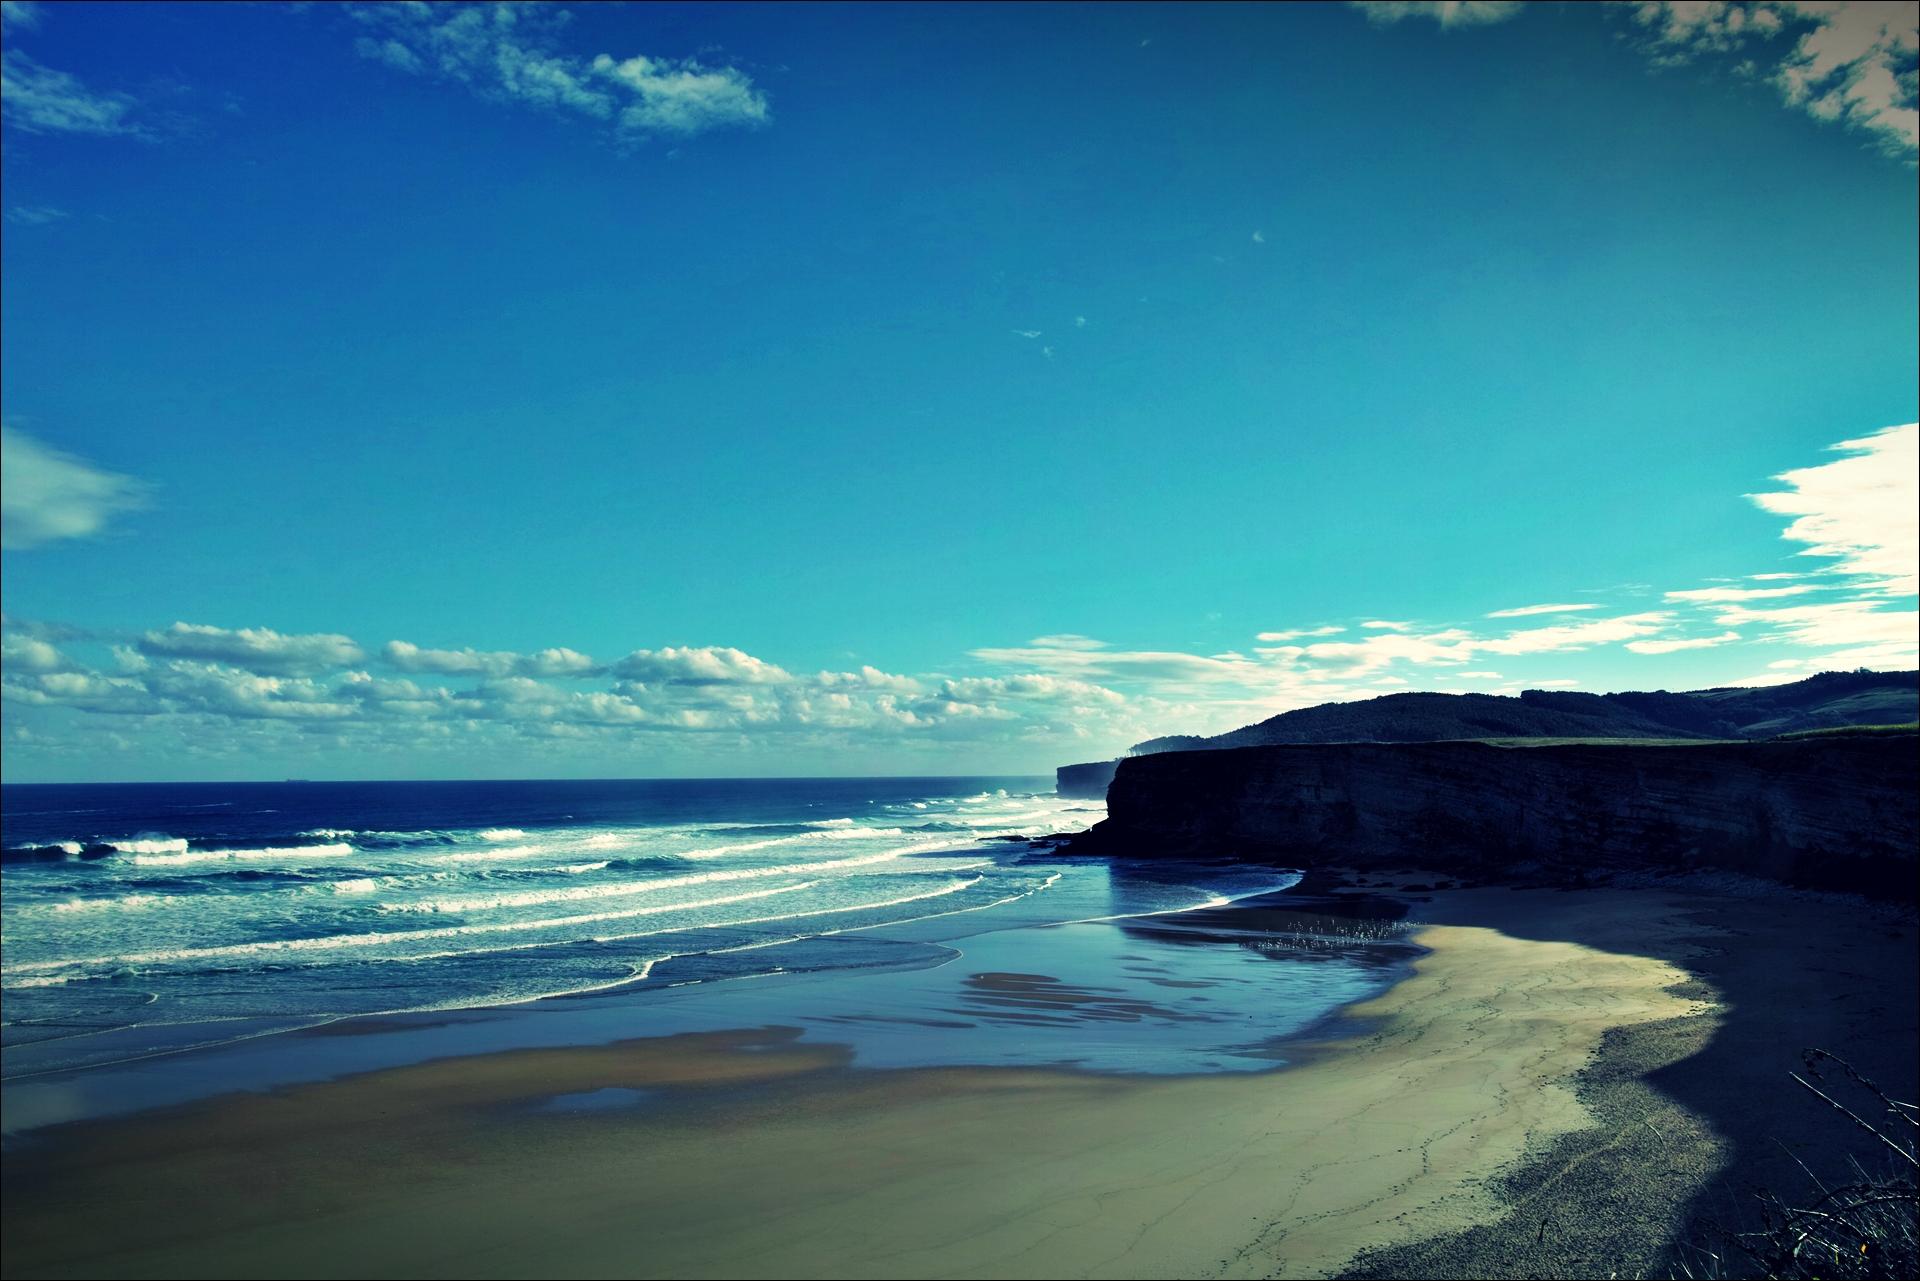 바다-'카미노 데 산티아고 북쪽길. 궤메스에서 산탄데르. (Camino del Norte - Güemes to Santander)'